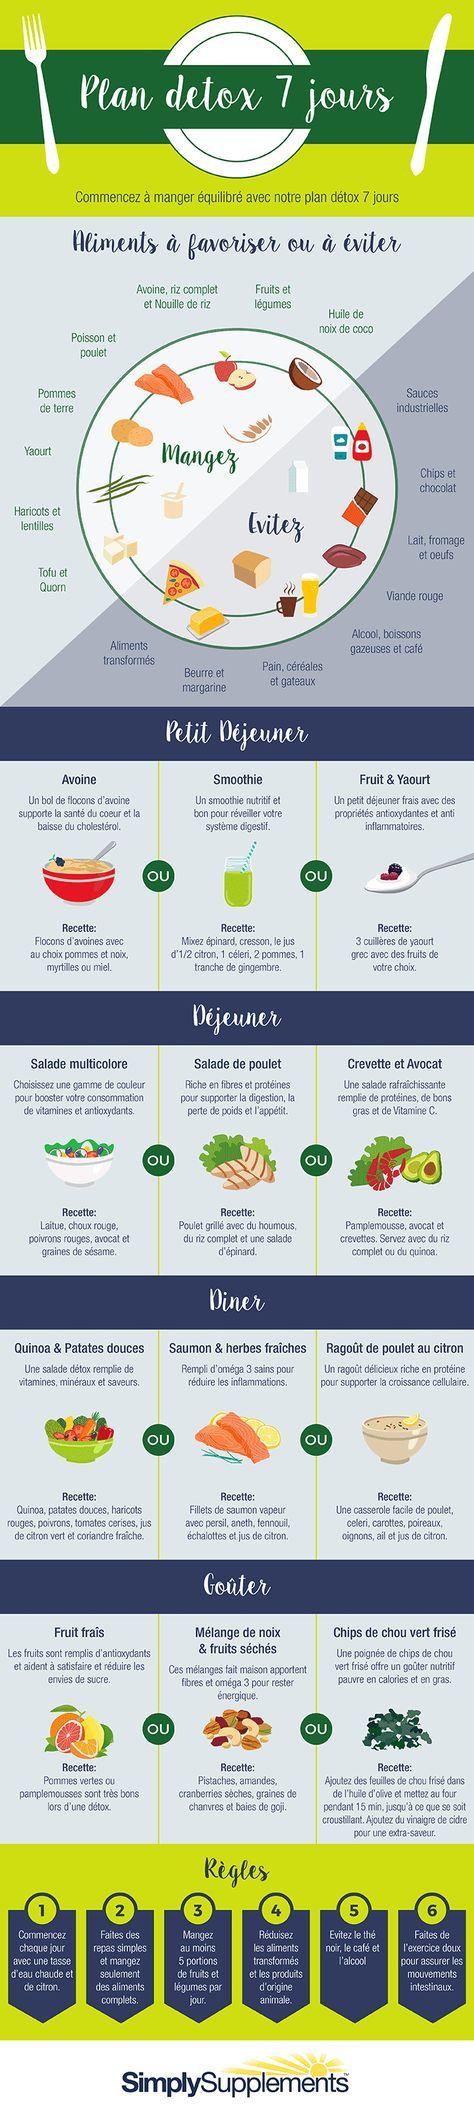 Découvrez ces quelques recettes pour commencer une semaine